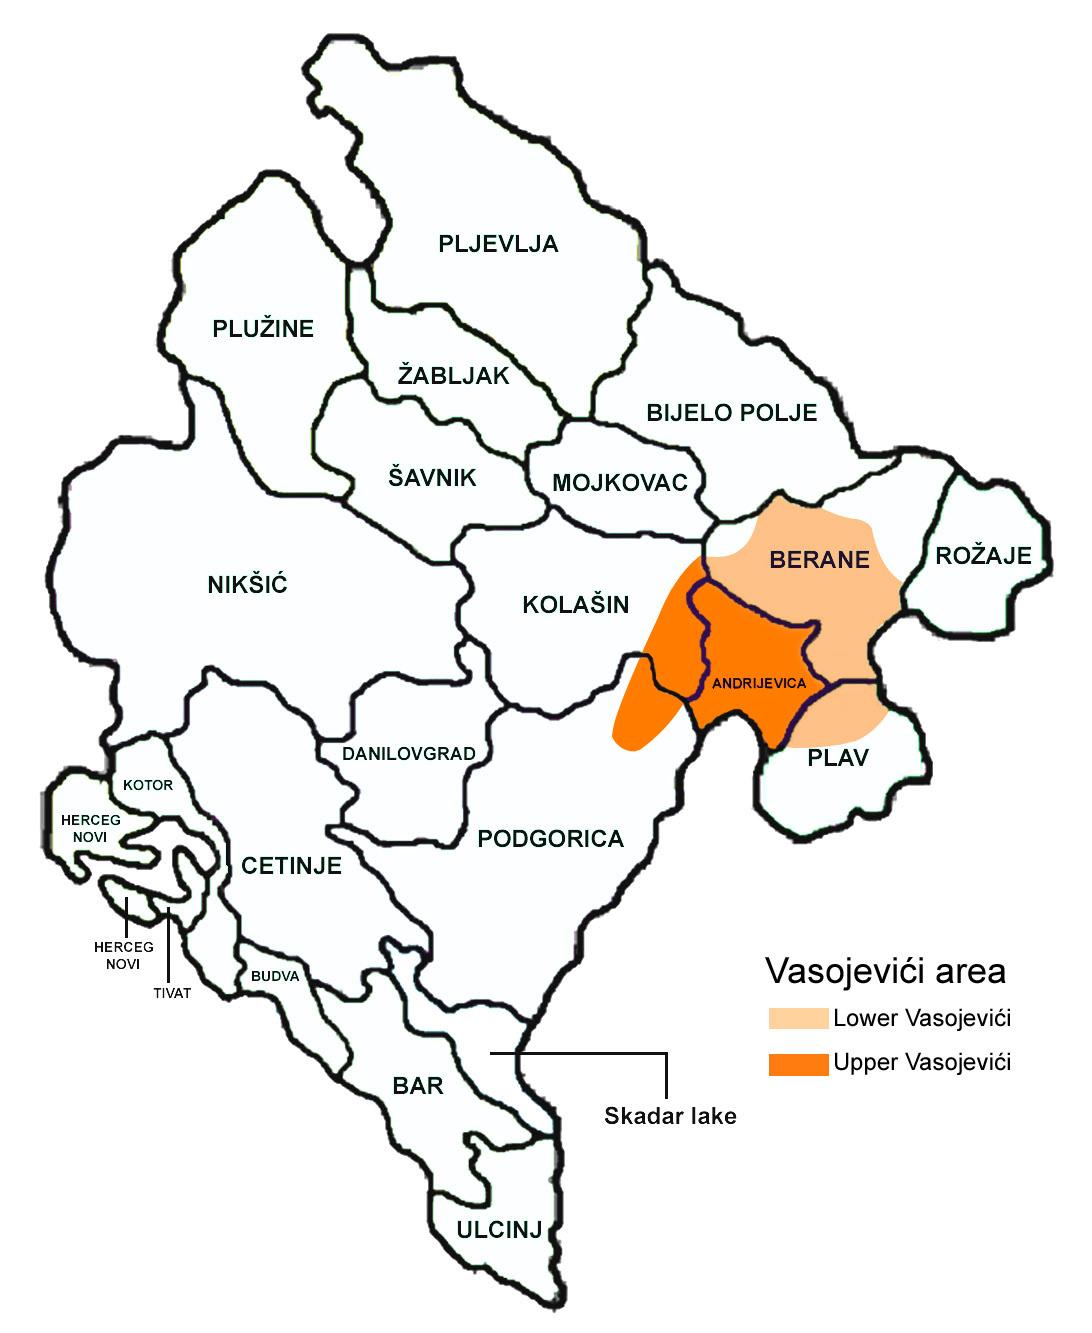 Vasojevici Wikipedia